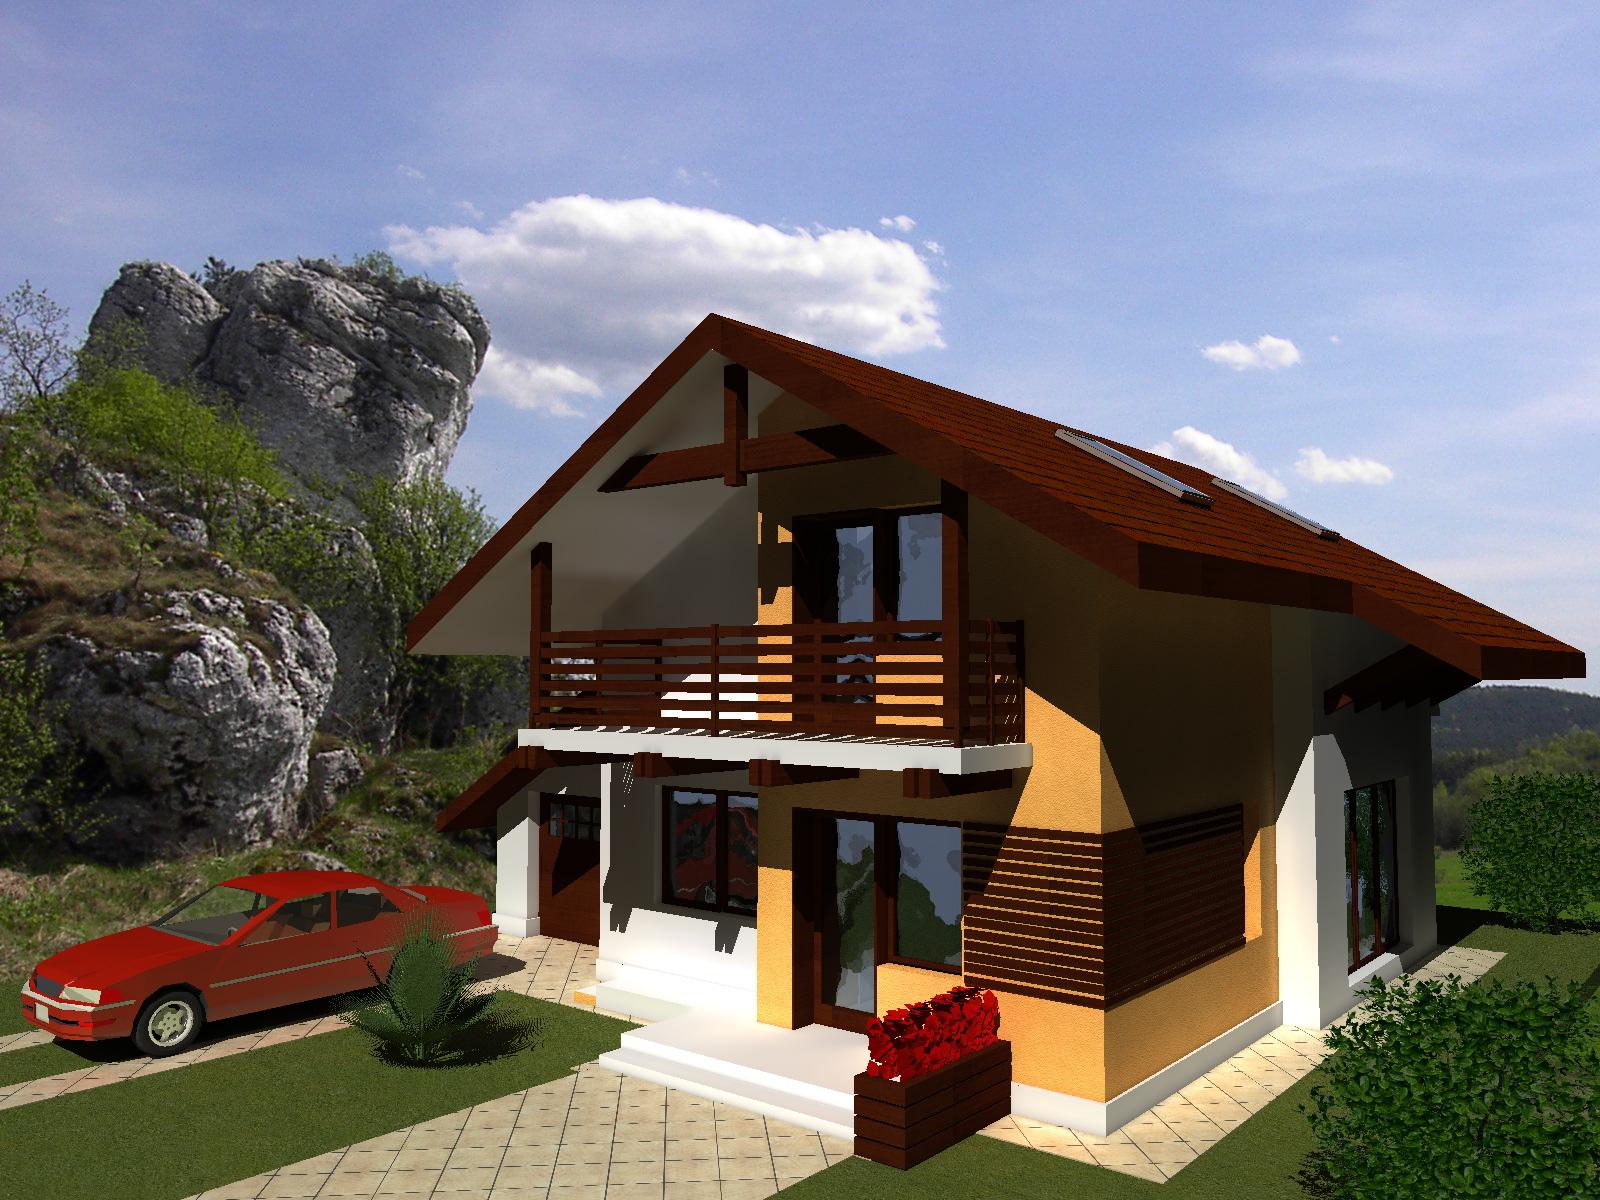 Proiecte case proiecte de case proiect casa proiect de for Case cu mansarda mici